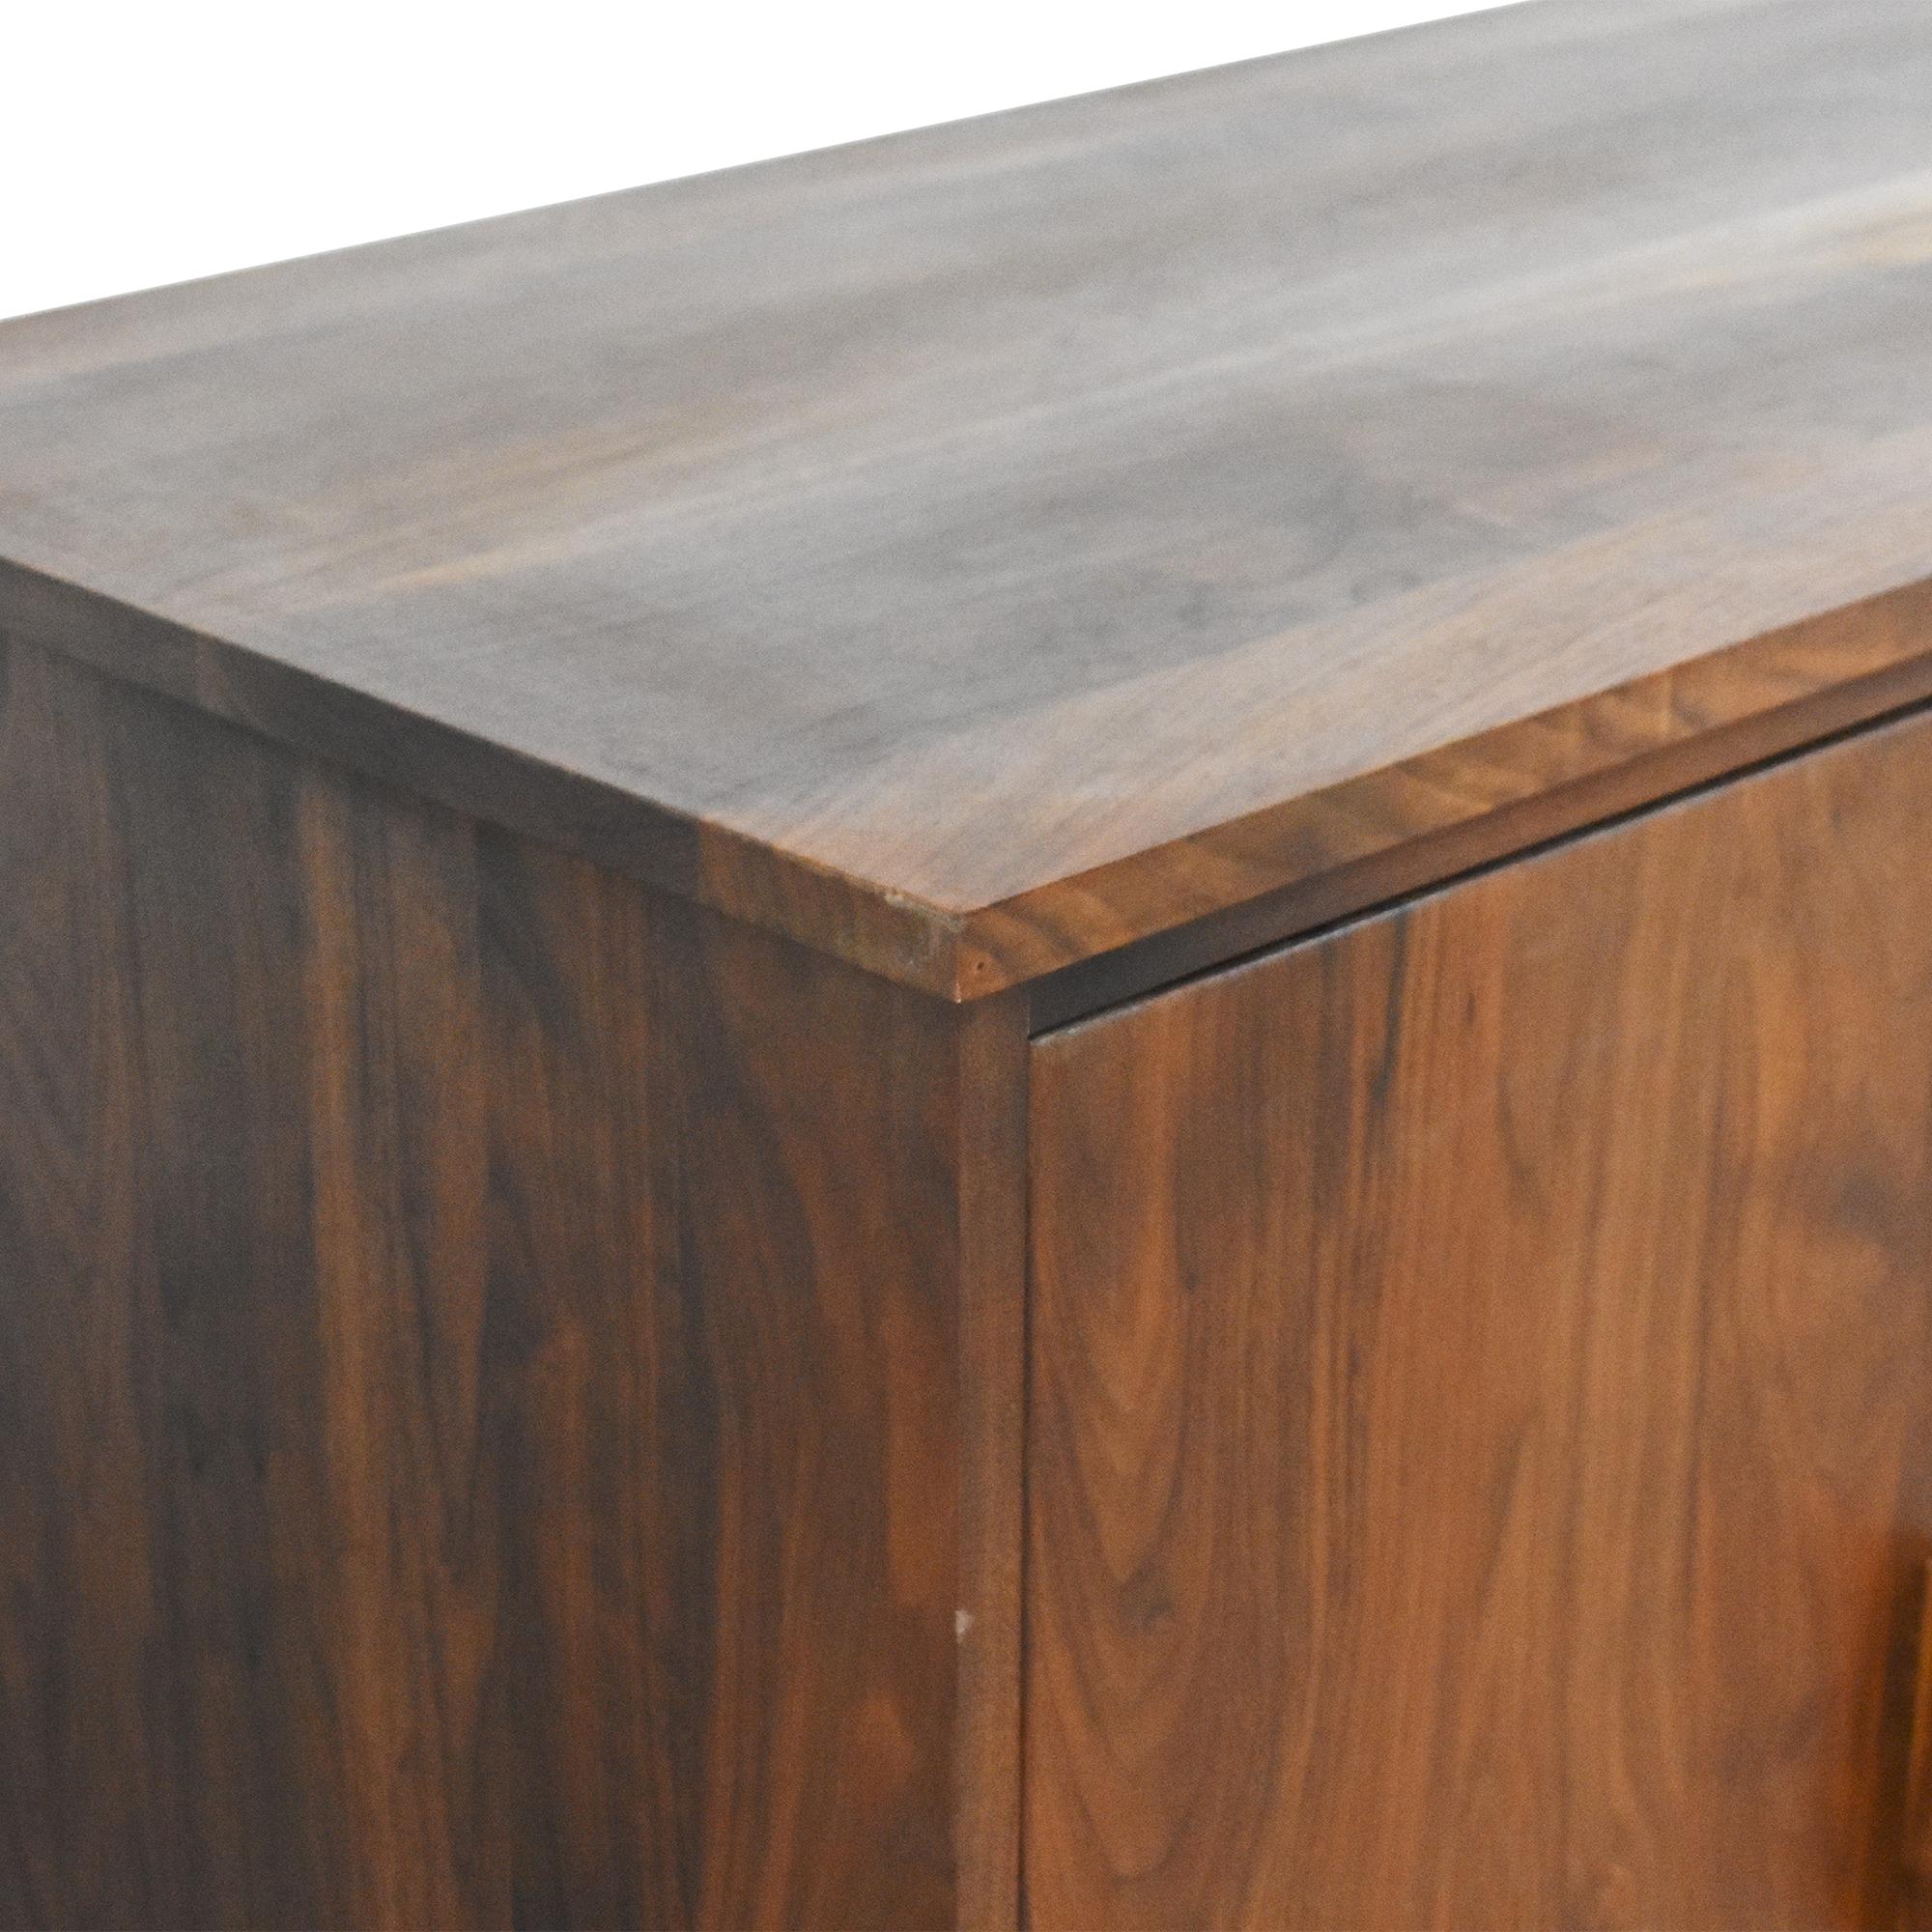 Room & Board Room & Board Linear File Cabinet Credenza nj